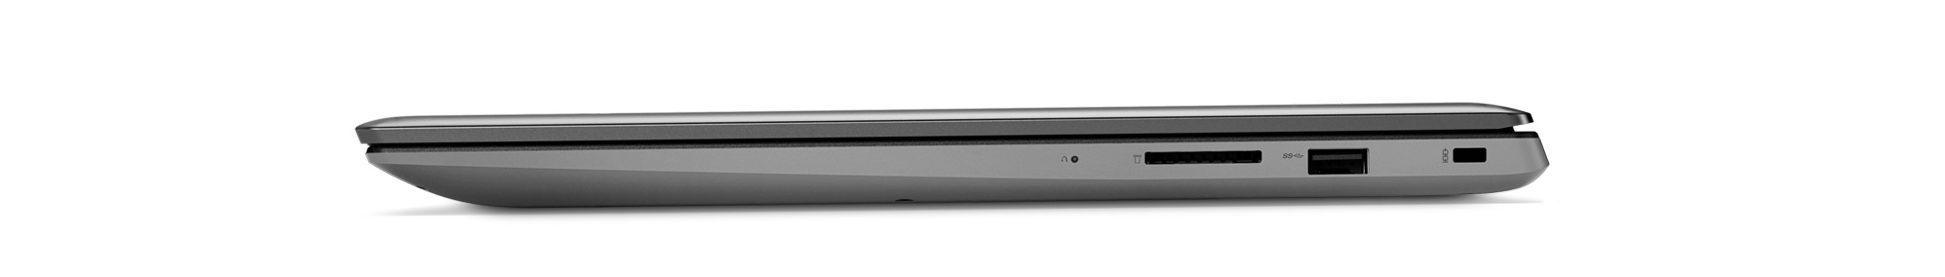 Lenovo IdeaPad 320S 5